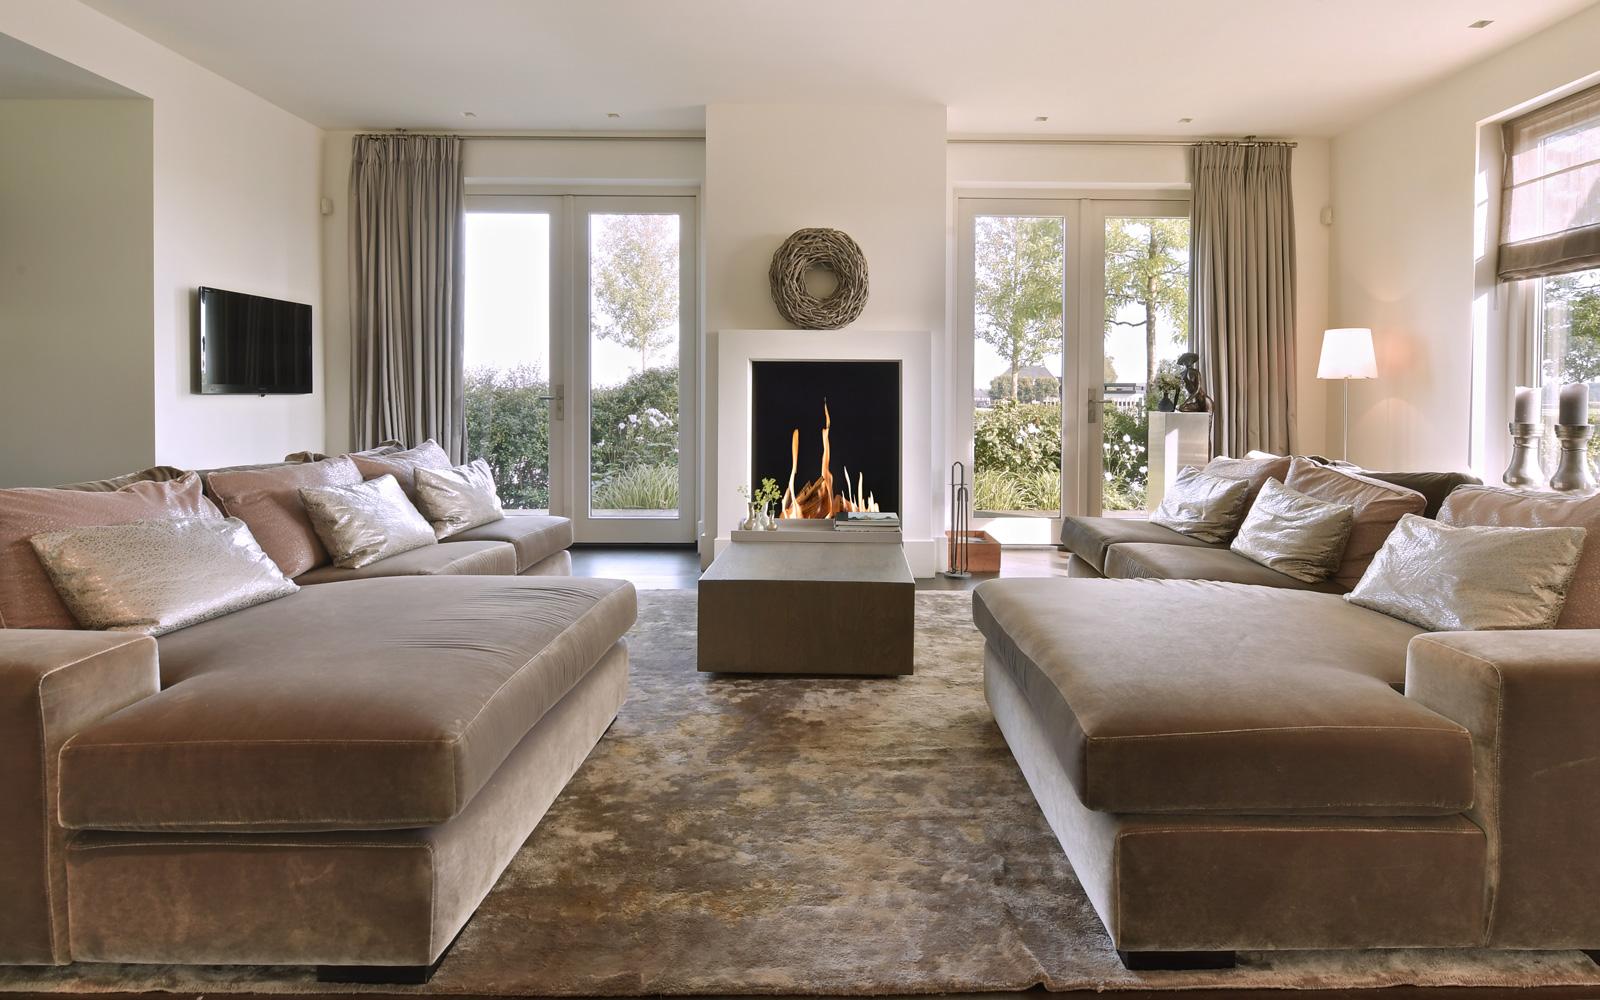 De luxe banken in combinatie met de open haard zorgen voor een mooi design.